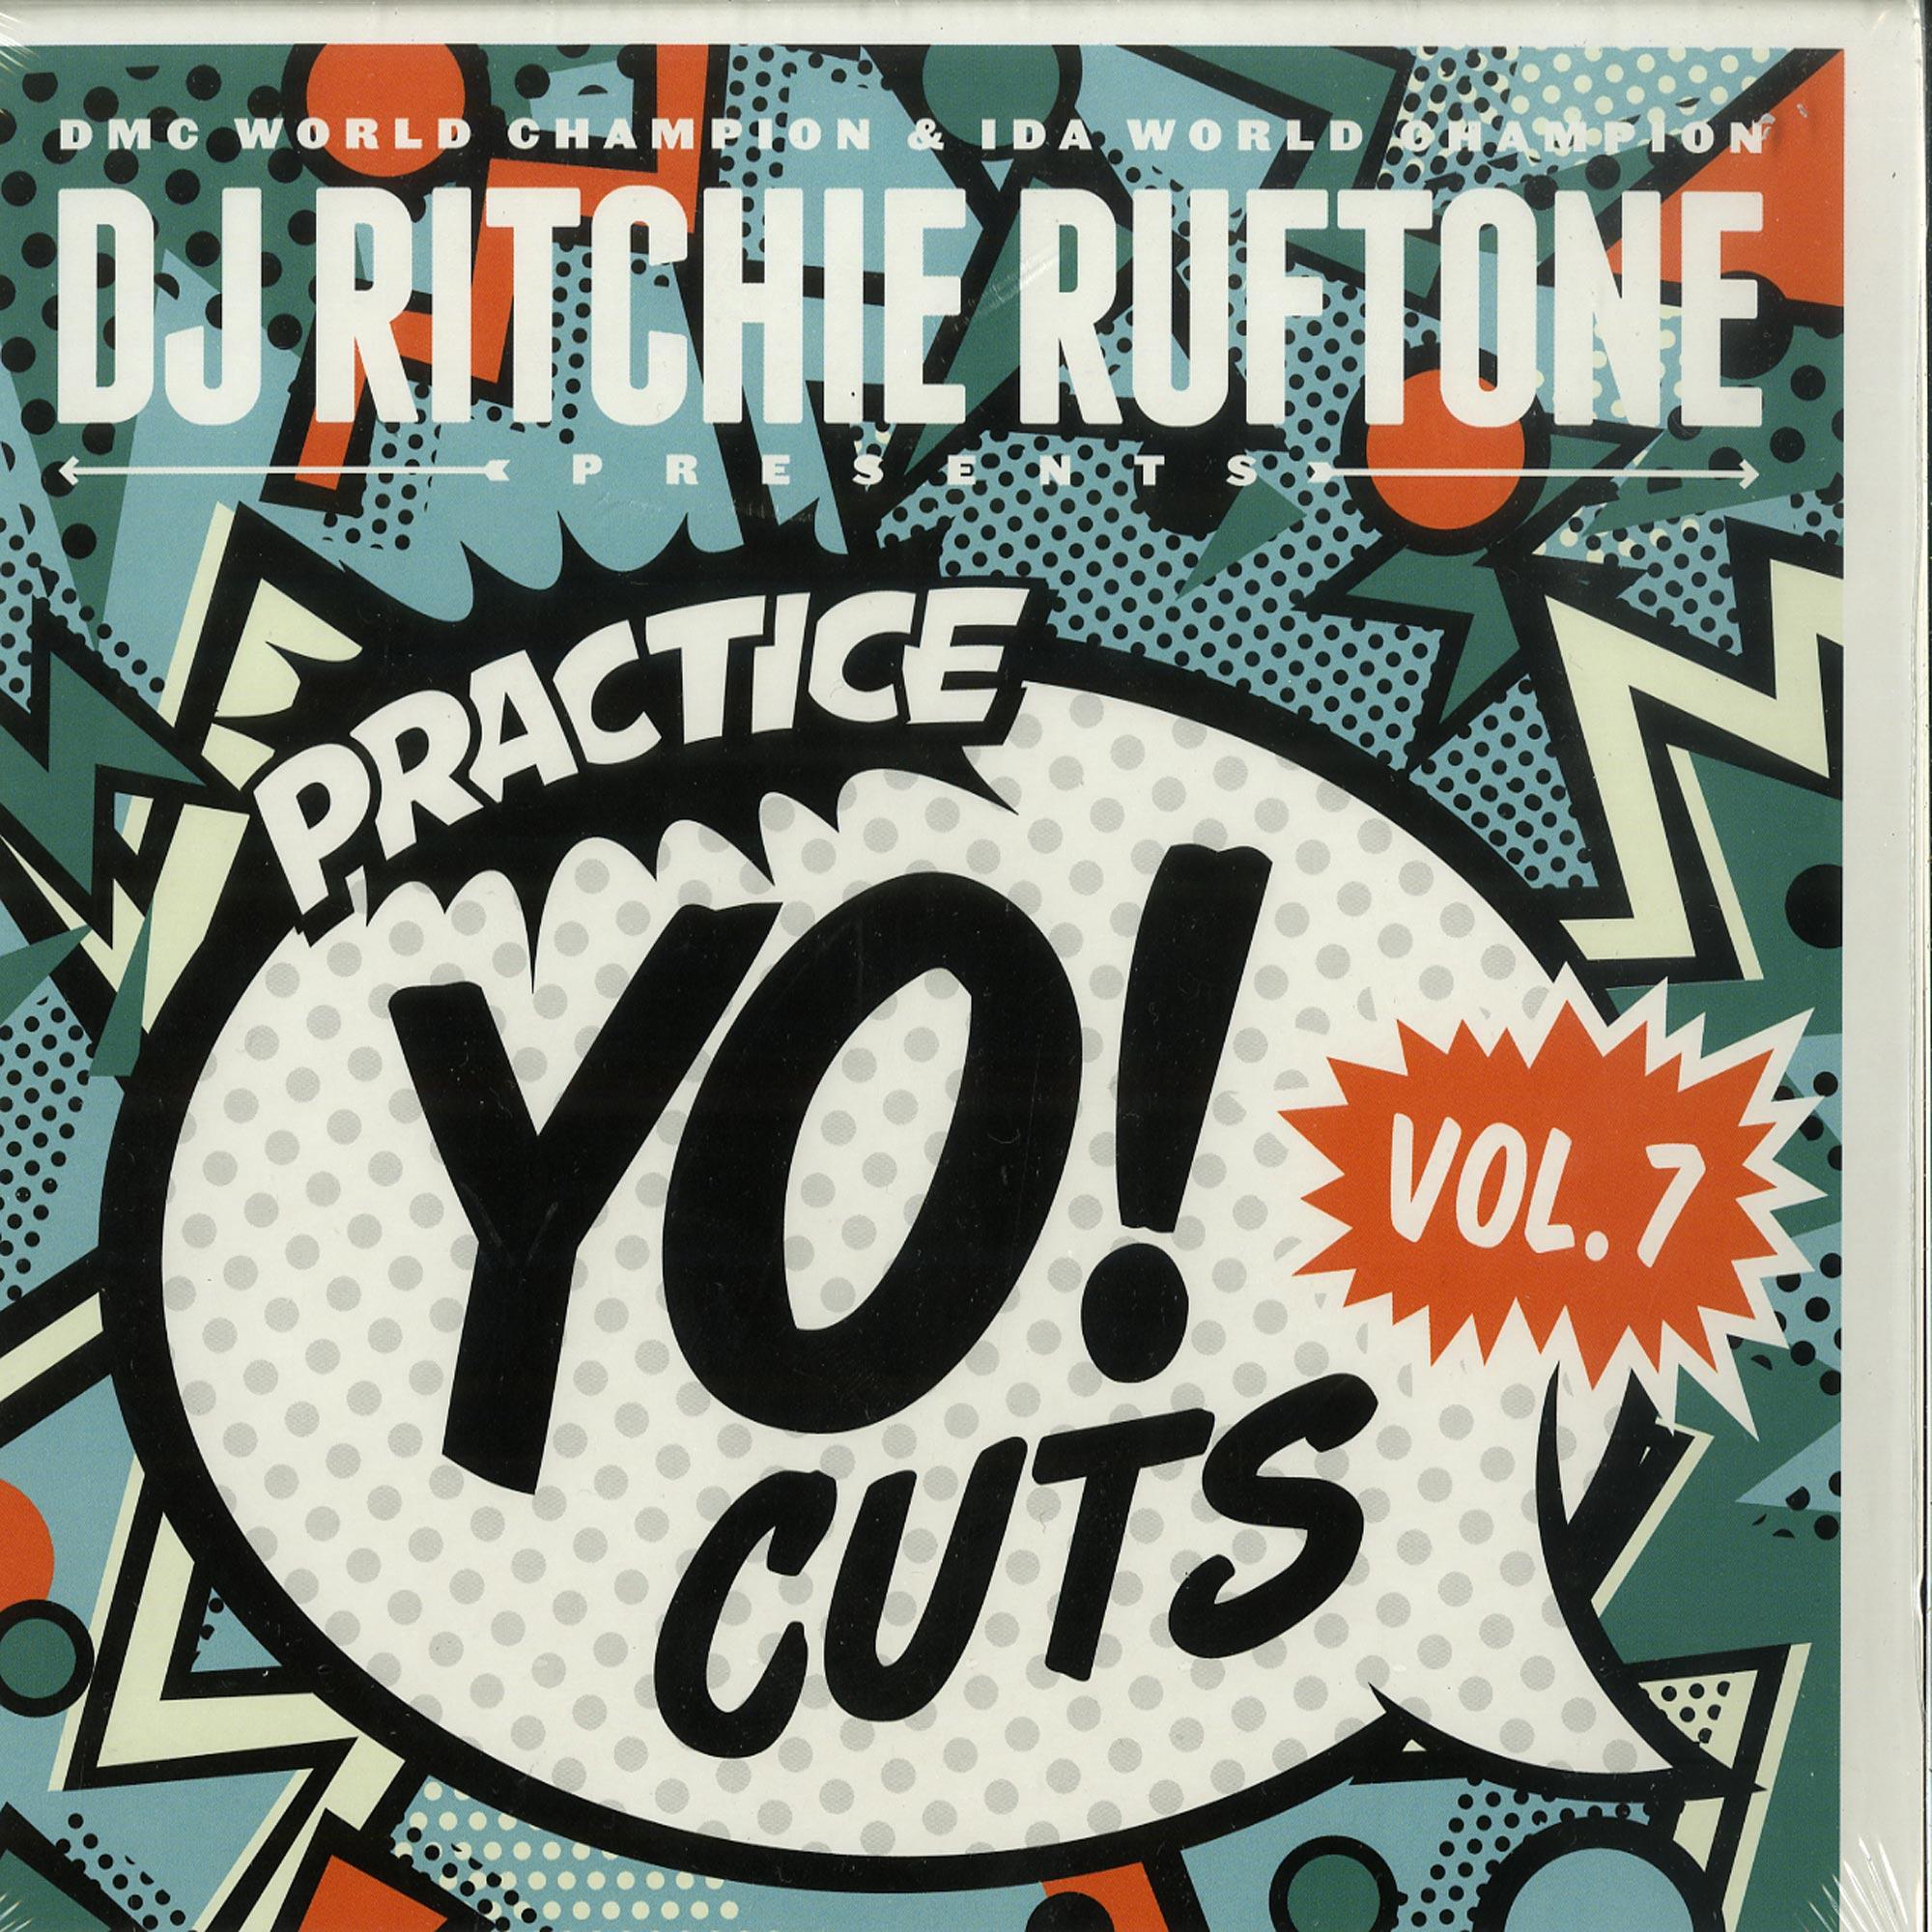 DJ Ritchie Ruftone - PRACTICE YO! CUTS VOL. 7